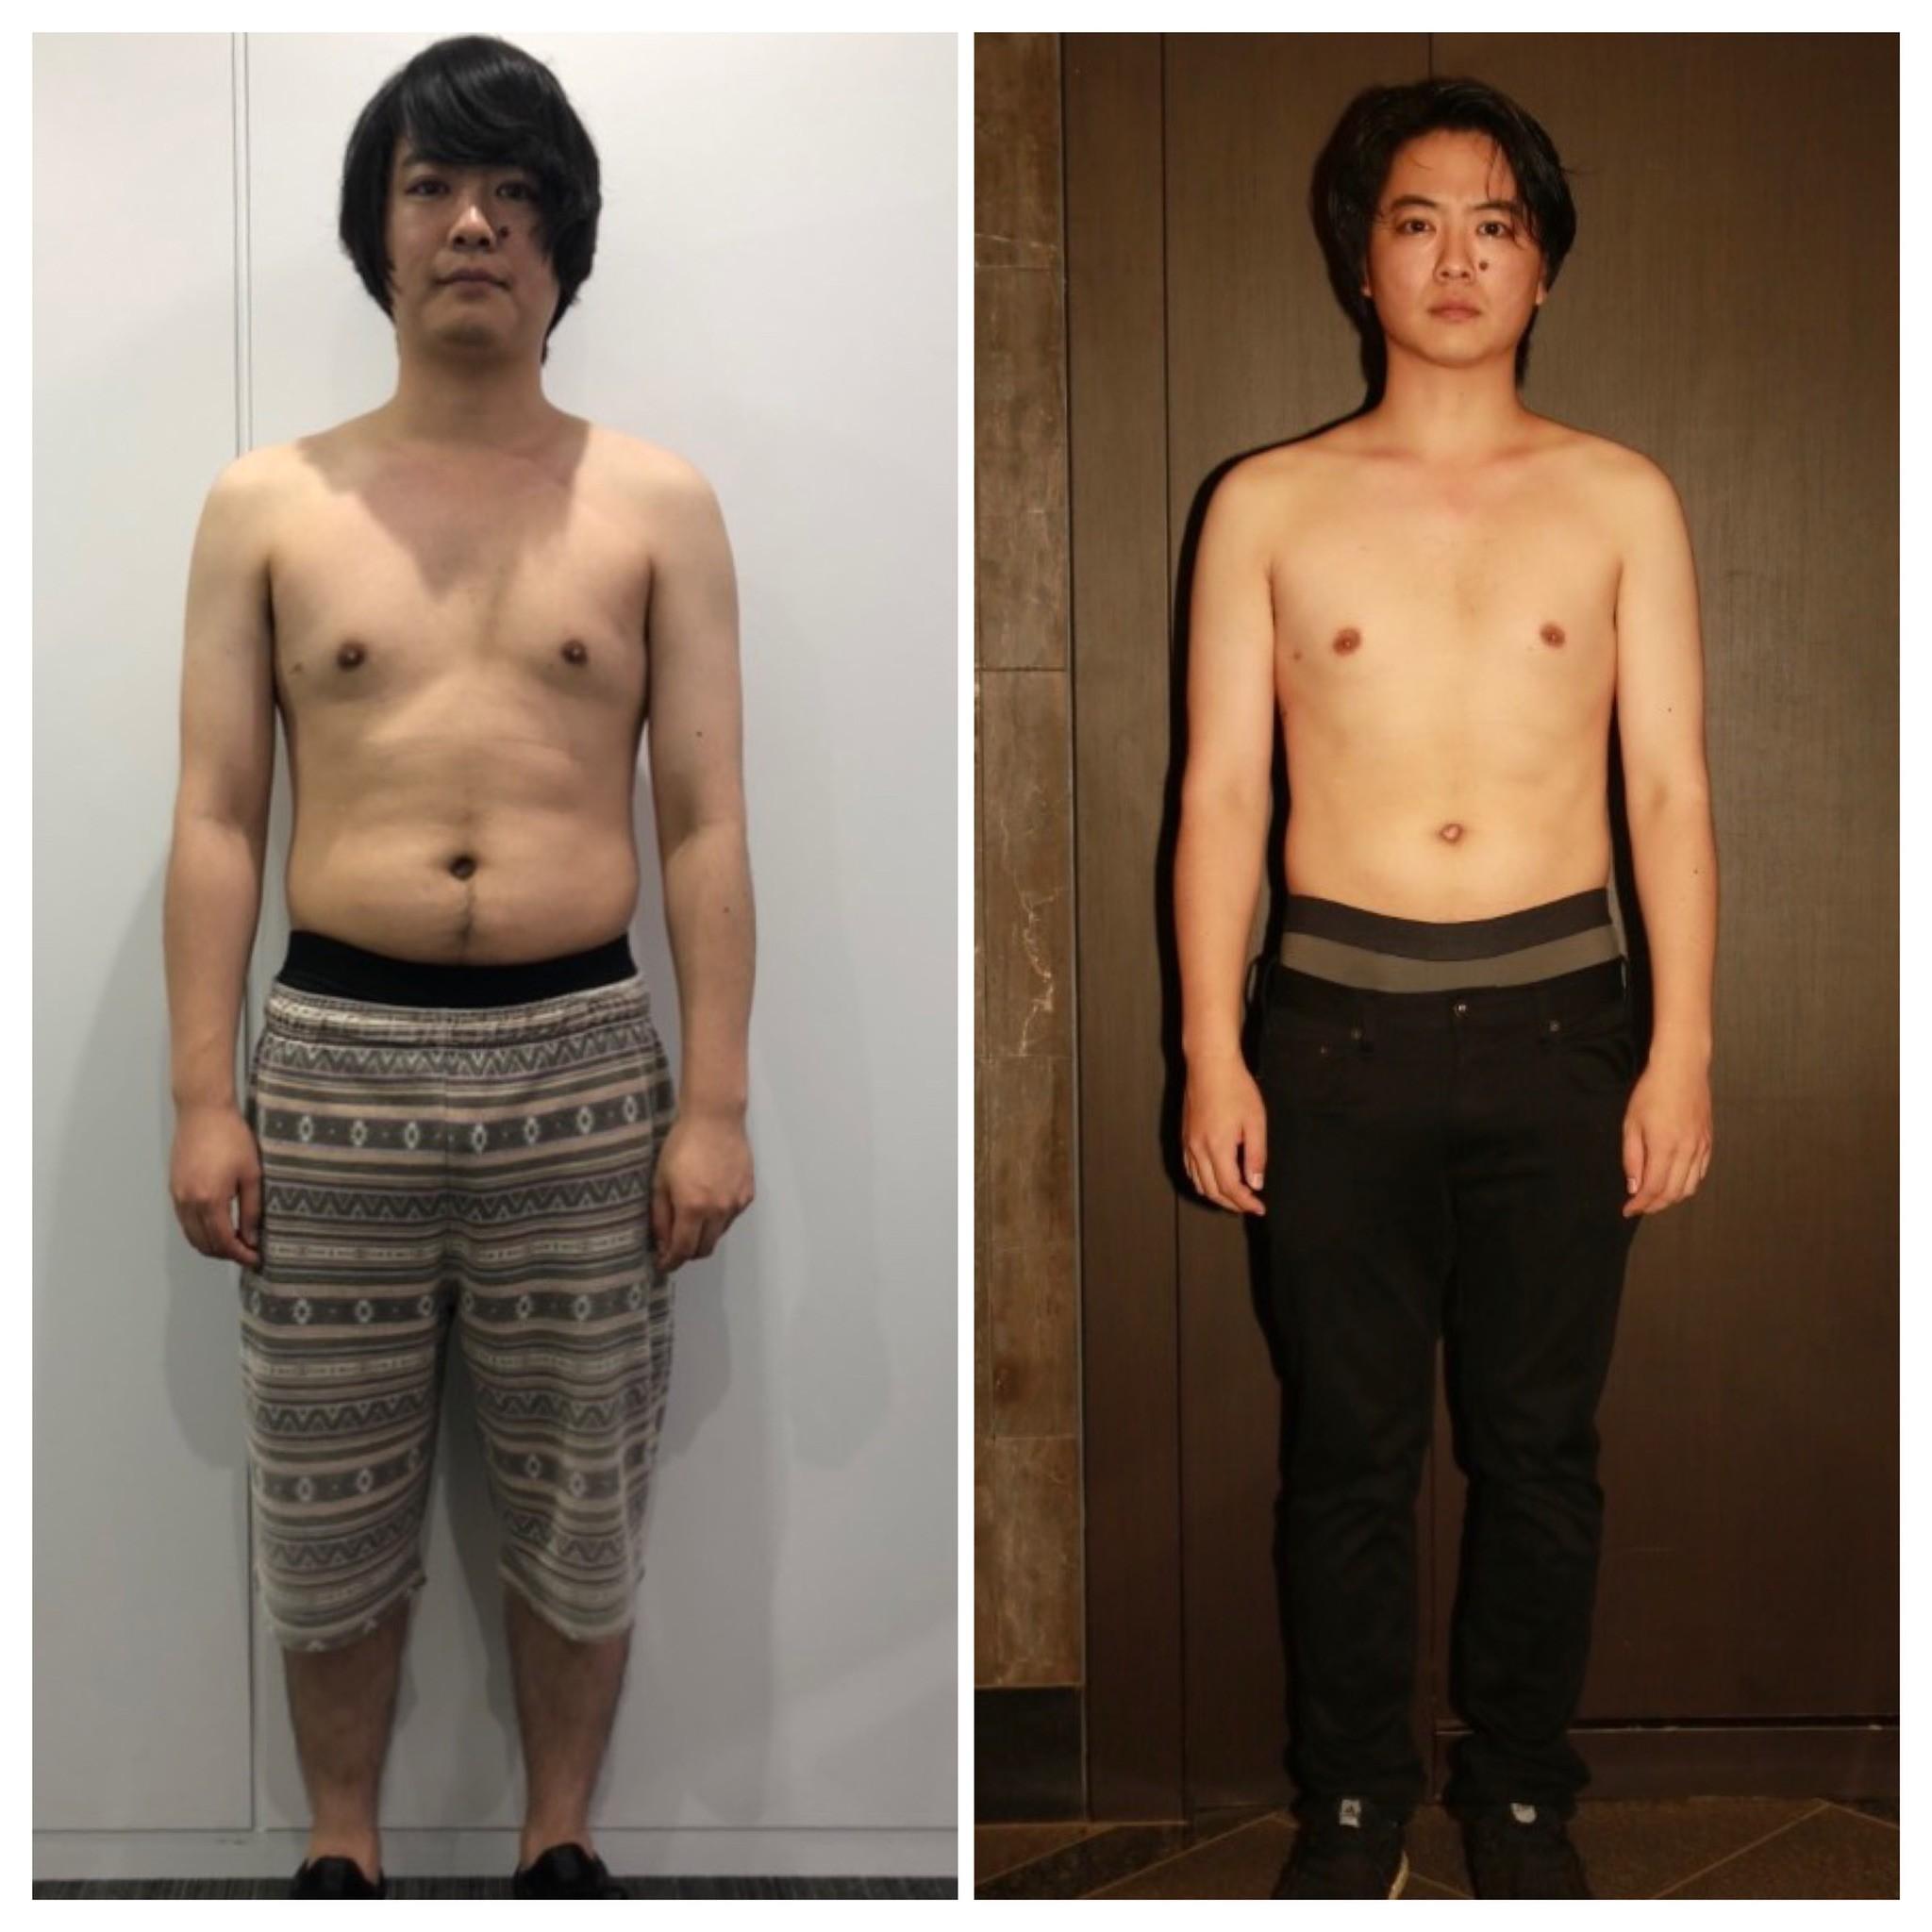 金 スマ 糖 質 ダイエット 2週間で6kg減に成功。牛脂&サバ缶を使った#金森式ダイエットをやって...